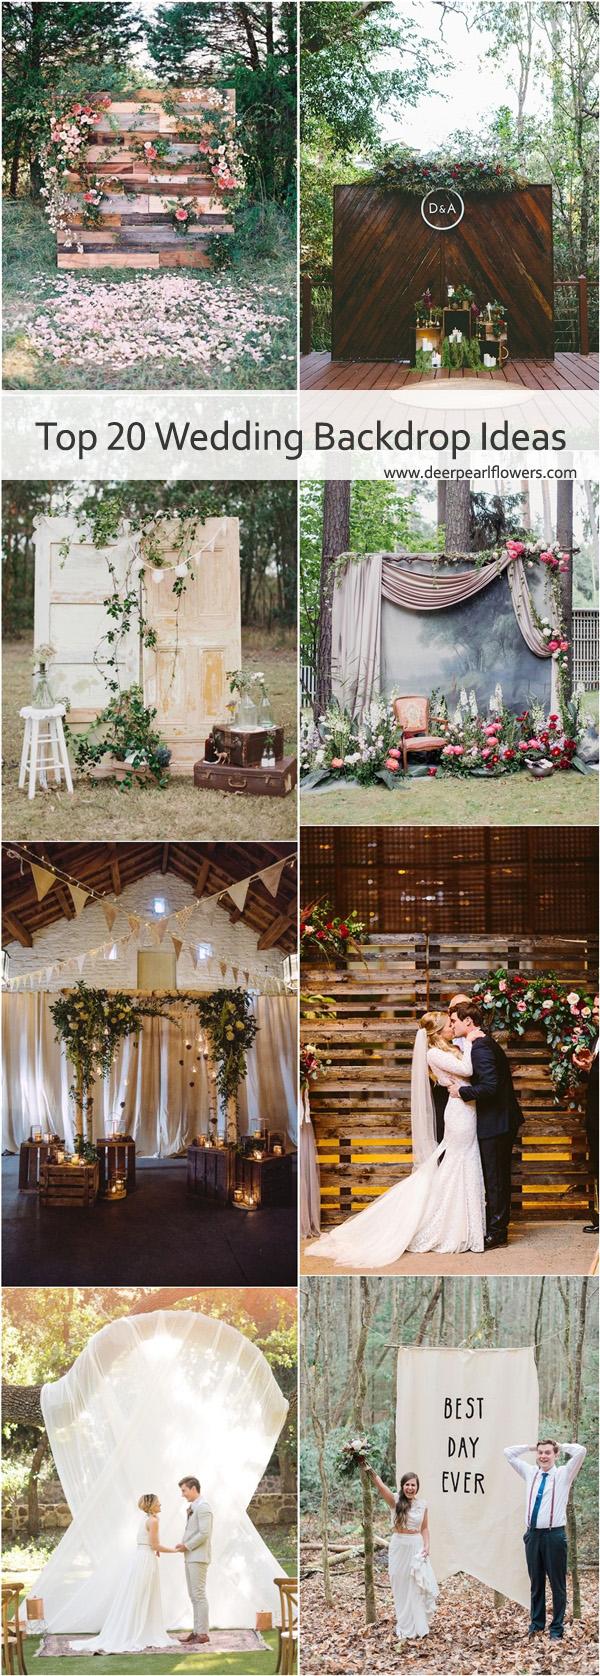 Wedding Backdrop Ideas 20 Best Of Wedding Backdrop Ideas From Pinterest Deer Pearl Flowers